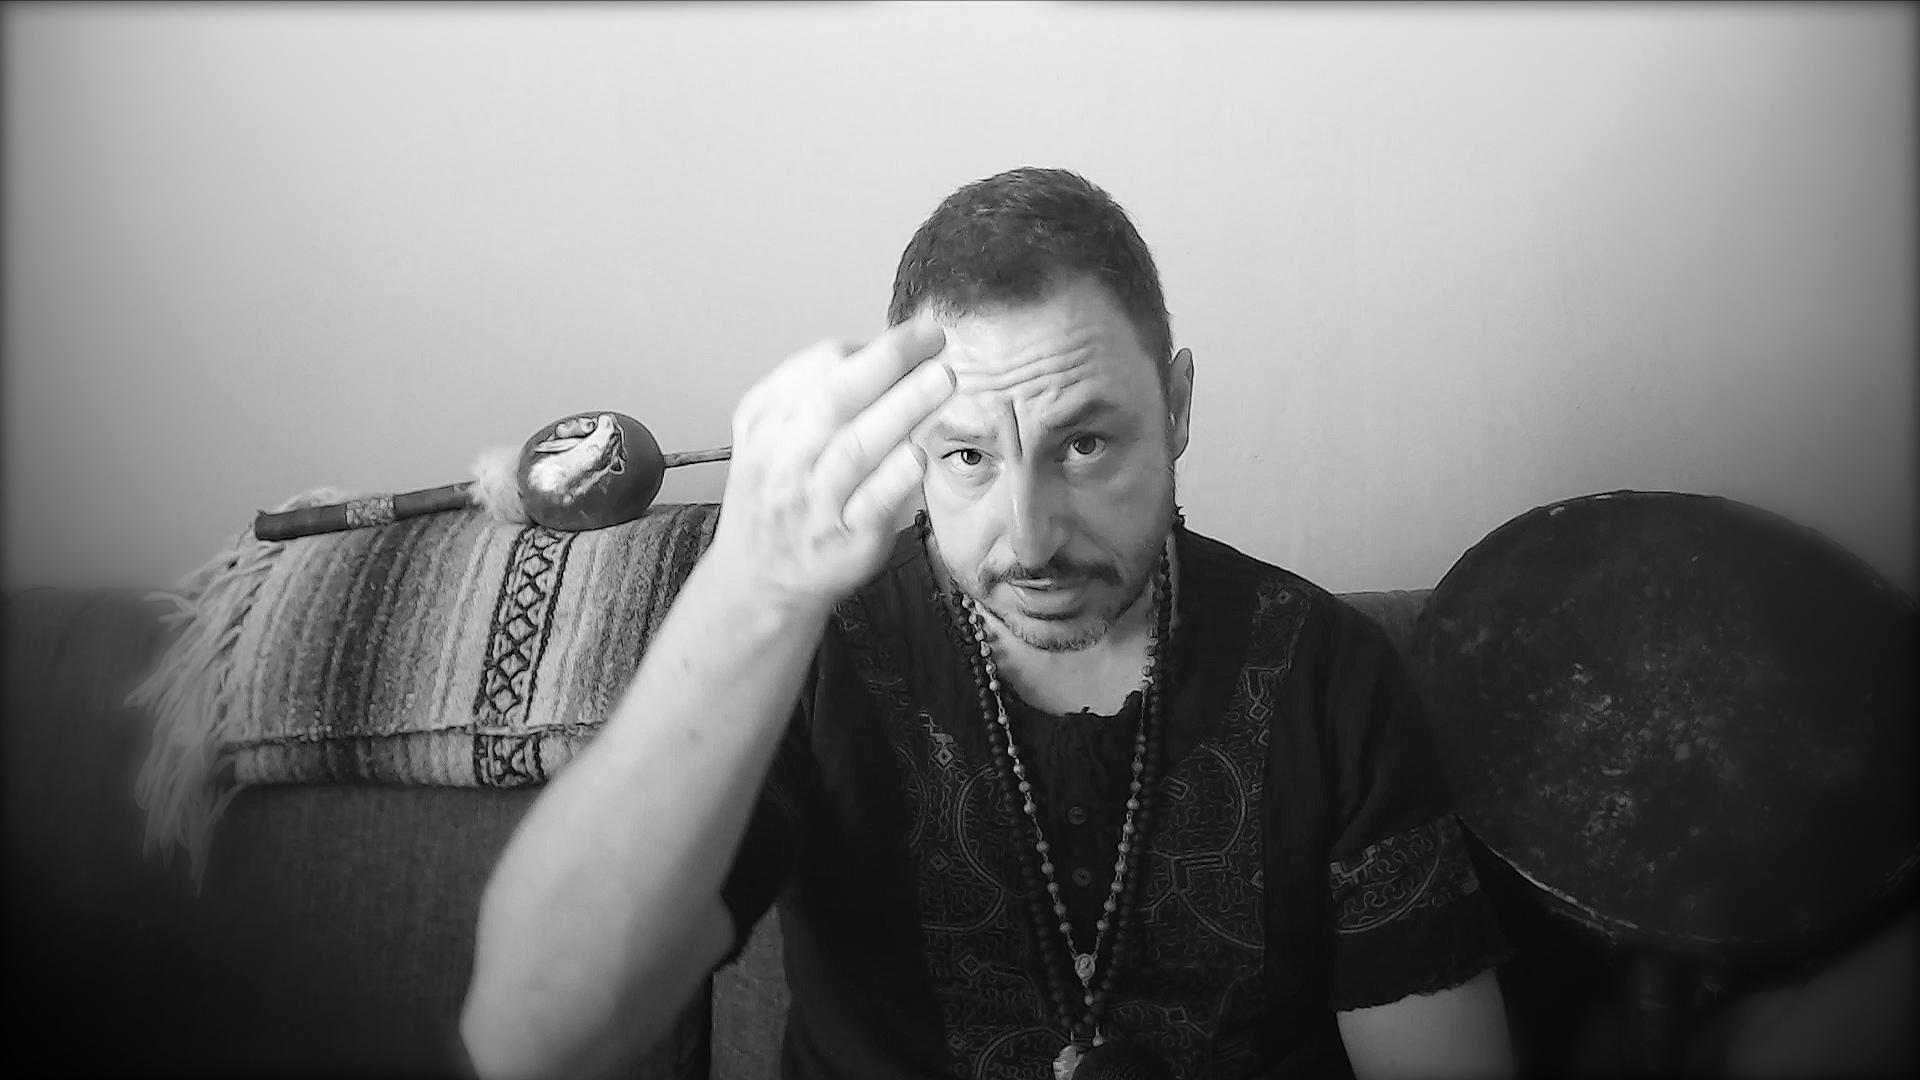 E questo è il mio modo di vivere la magia che non è pagana, non è sciamanica, ma attraversa un credo molto più semplice che è sto in quello che funziona.